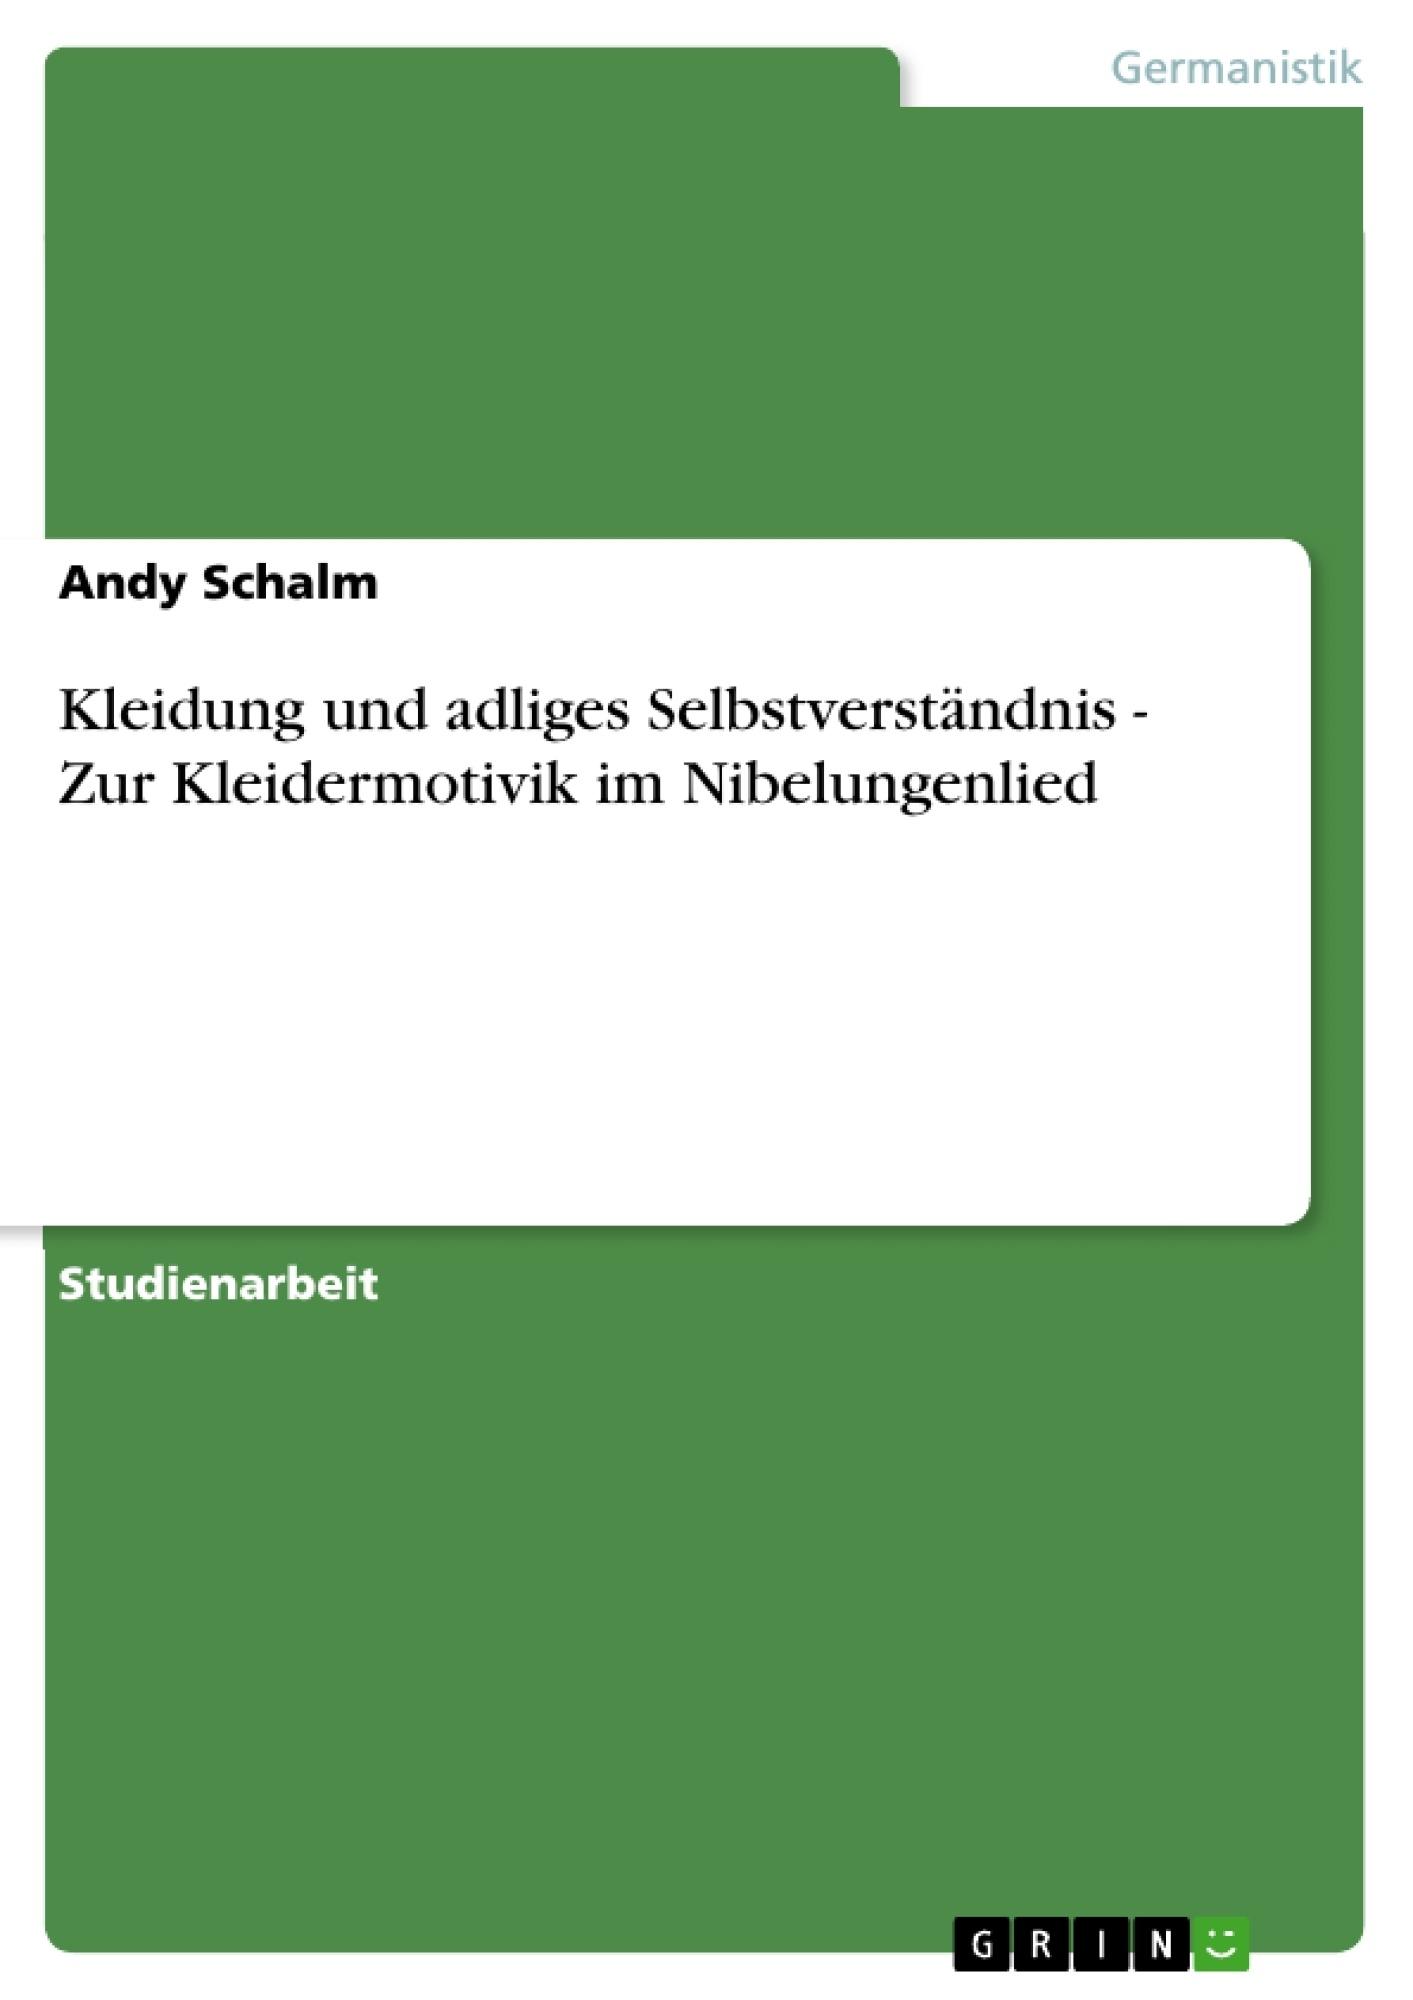 Titel: Kleidung und adliges Selbstverständnis  -  Zur Kleidermotivik im Nibelungenlied